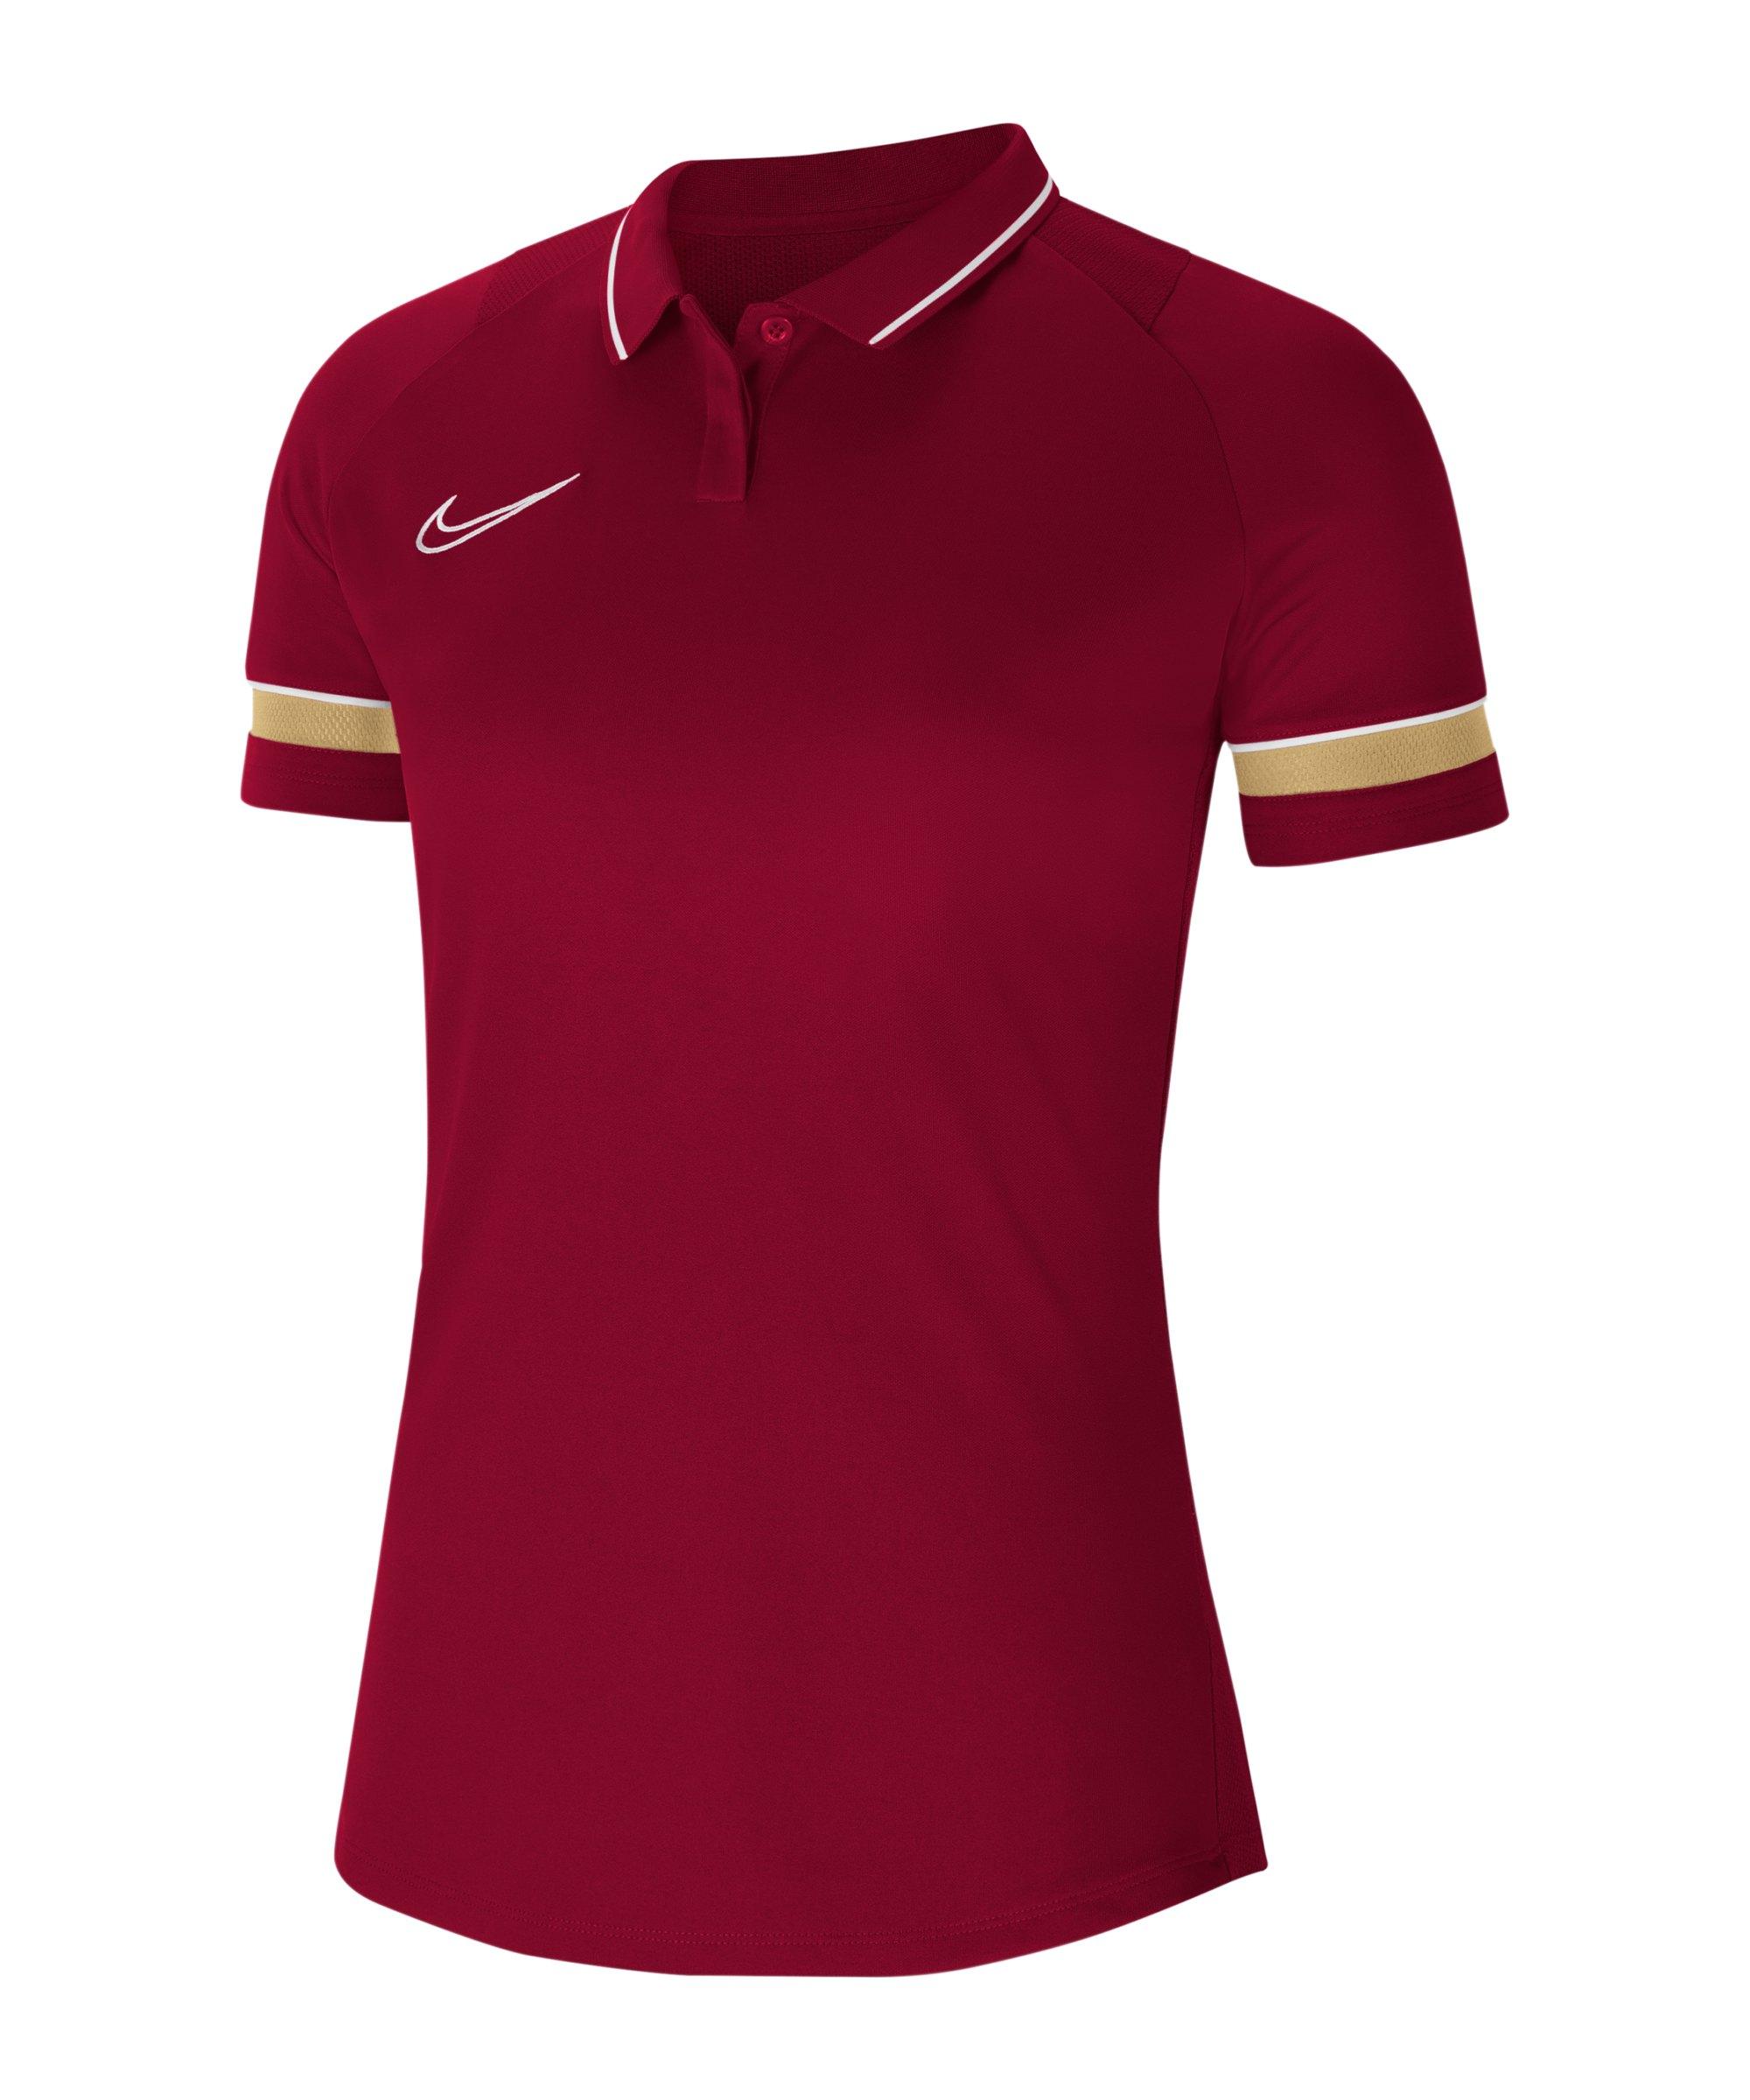 Nike Academy 21 Poloshirt Damen Rot Weiss F677 - rot